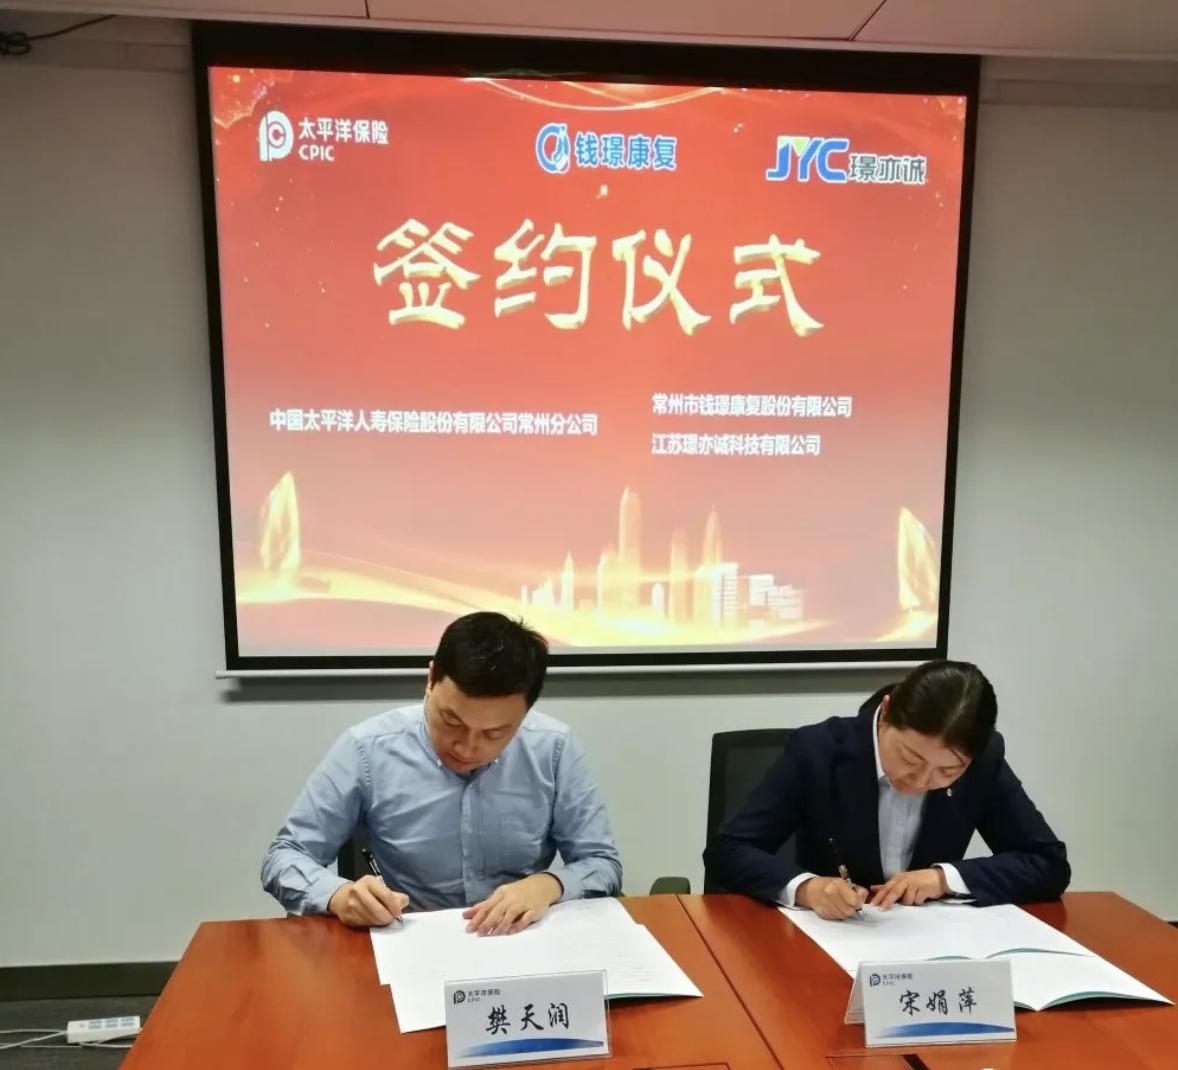 喜報!太平洋保險與錢璟康復、江蘇璟亦誠簽署戰略合作協議!